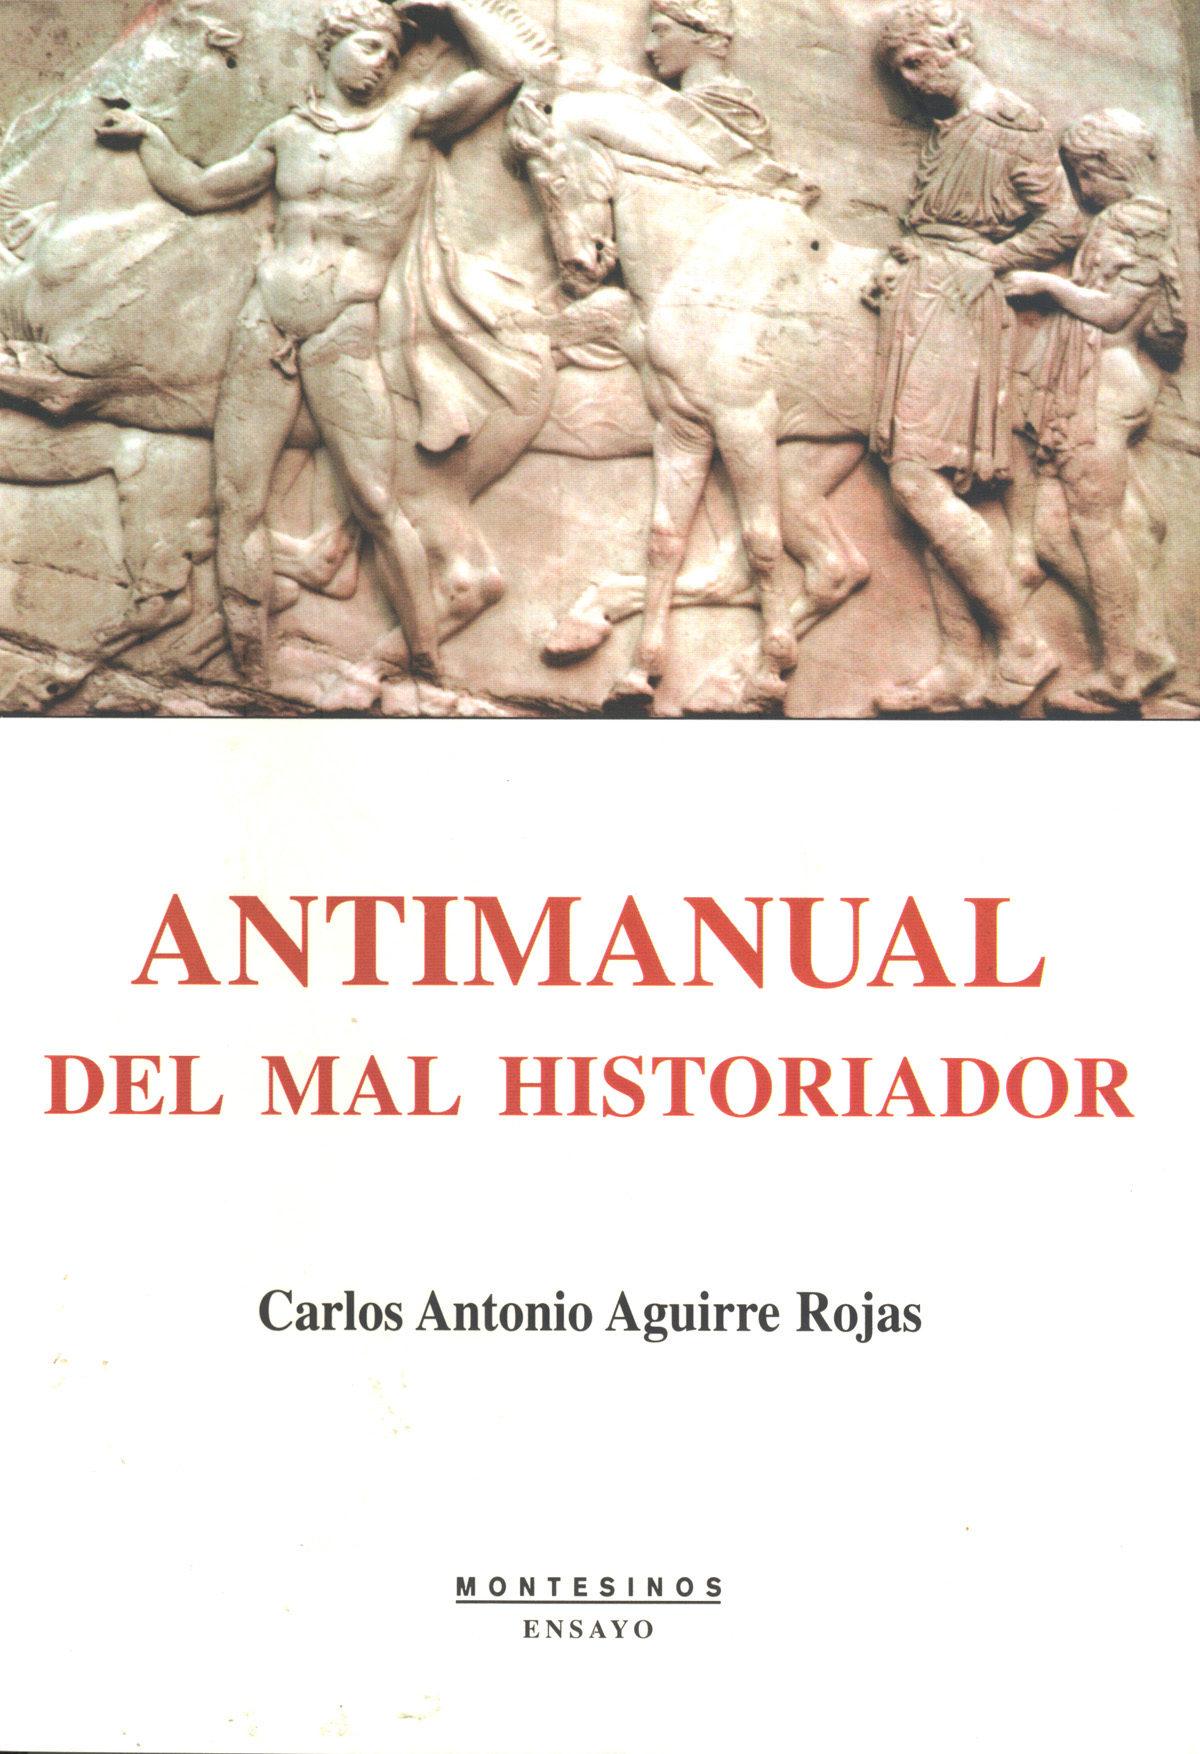 Antimanual Del Mal Historiador (montesinos) - Aguirre Rojas Carlos Antonio